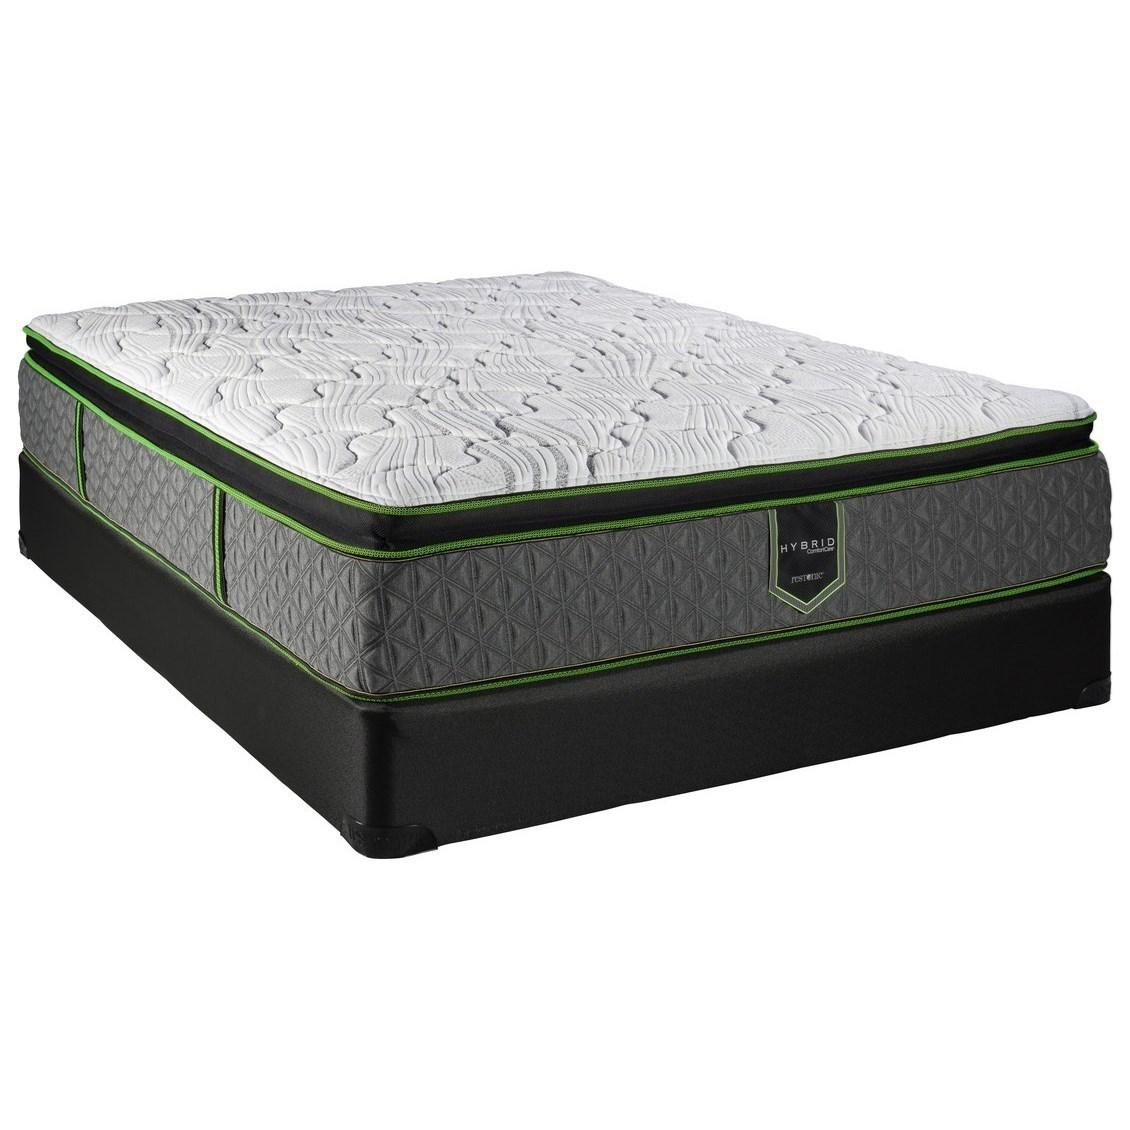 Twin Pillow Top Hybrid Mattress Set